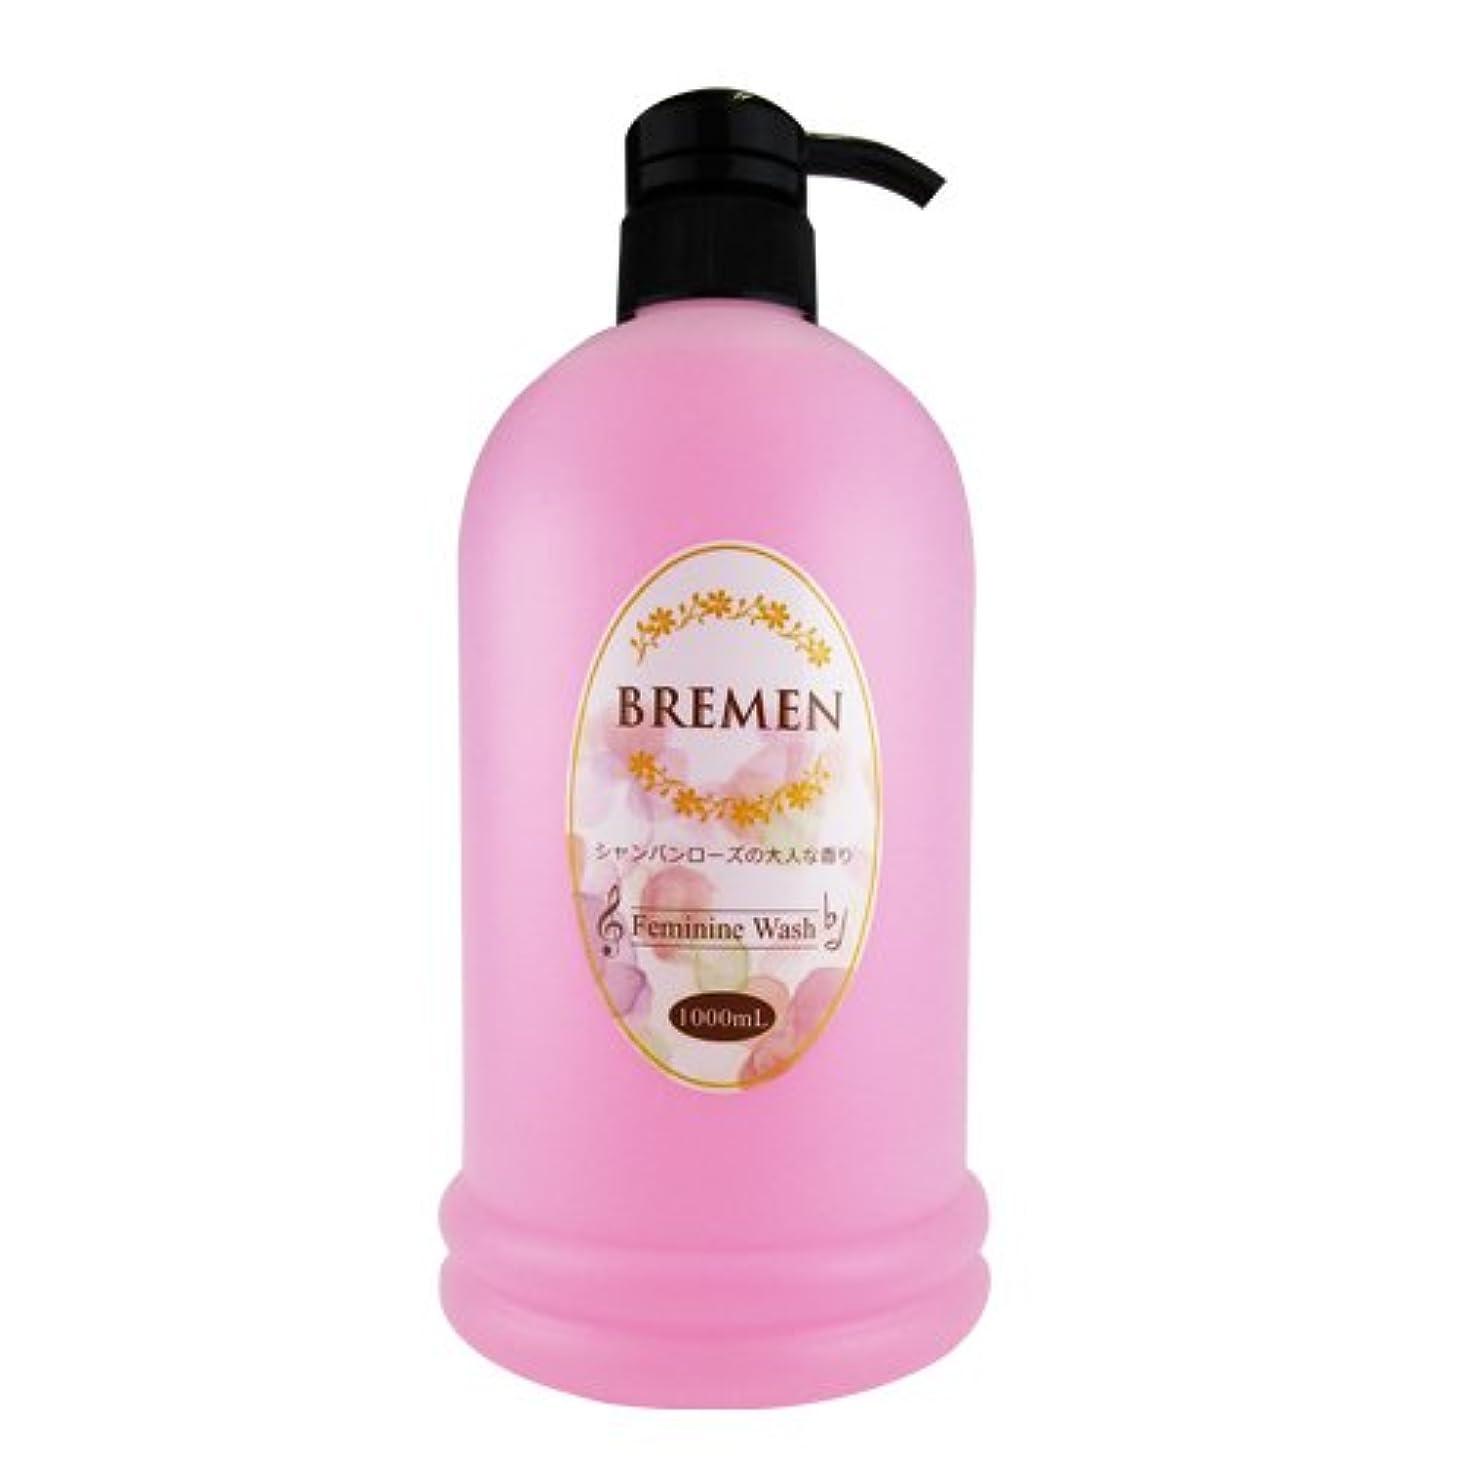 どう?複数要旨ブレーメン(BREMEN) フェミニンウォッシュ(Feminine Wash) 1000ml シャンパンローズの大人な香り